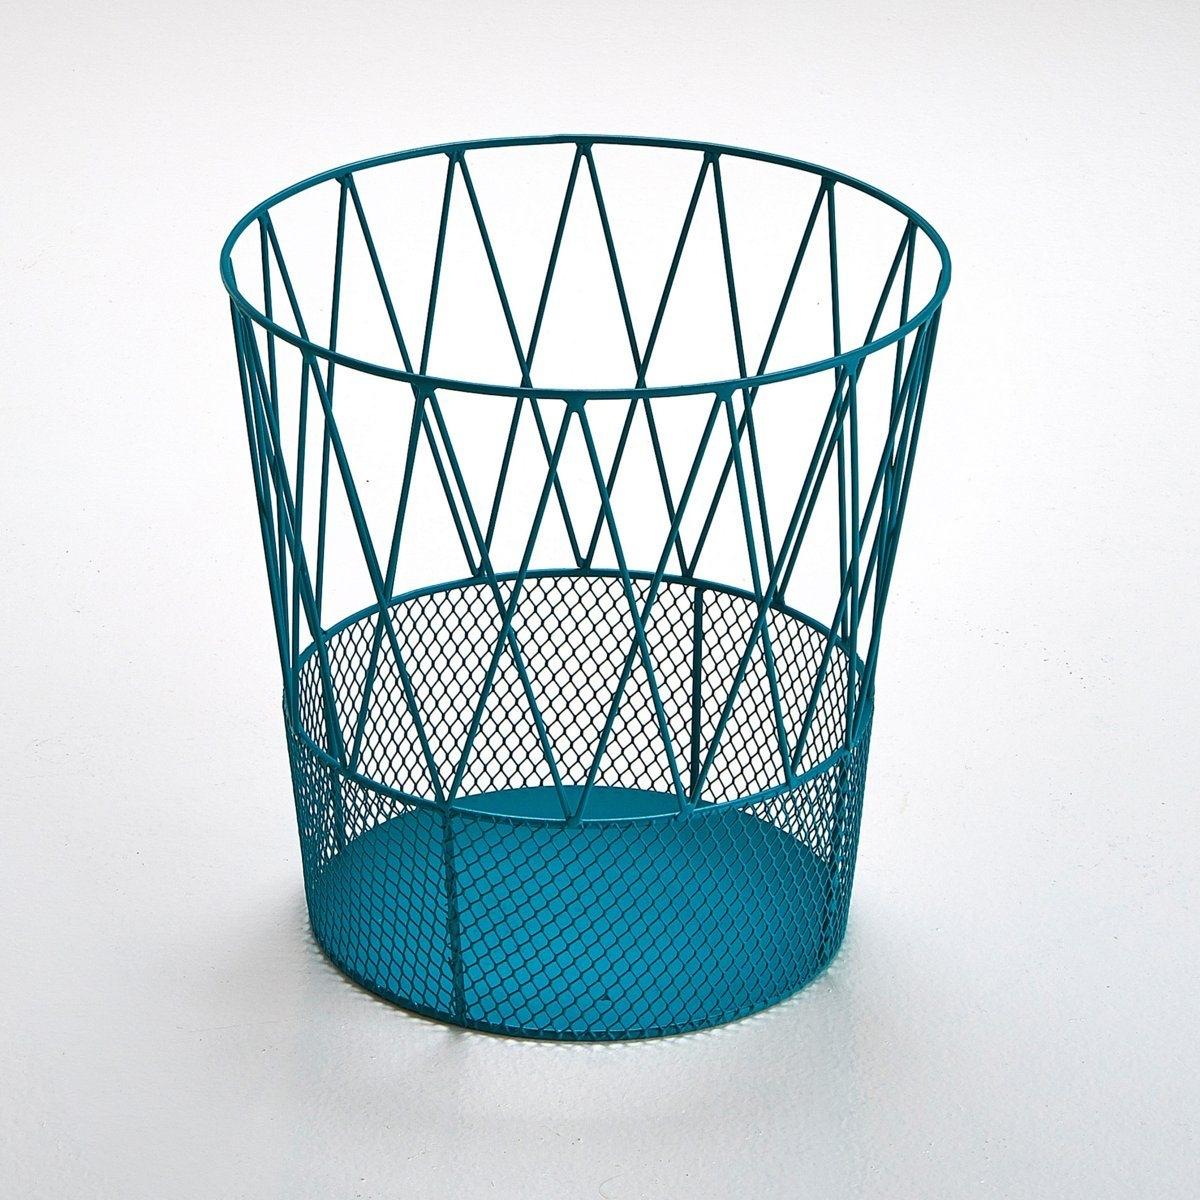 Металлическая корзина ЭльдеяХарактеристики :Металл с эпоксидным покрытием Размеры  :Высота 30 см? верхний 31 см? нижний  23см<br><br>Цвет: сине-зеленый